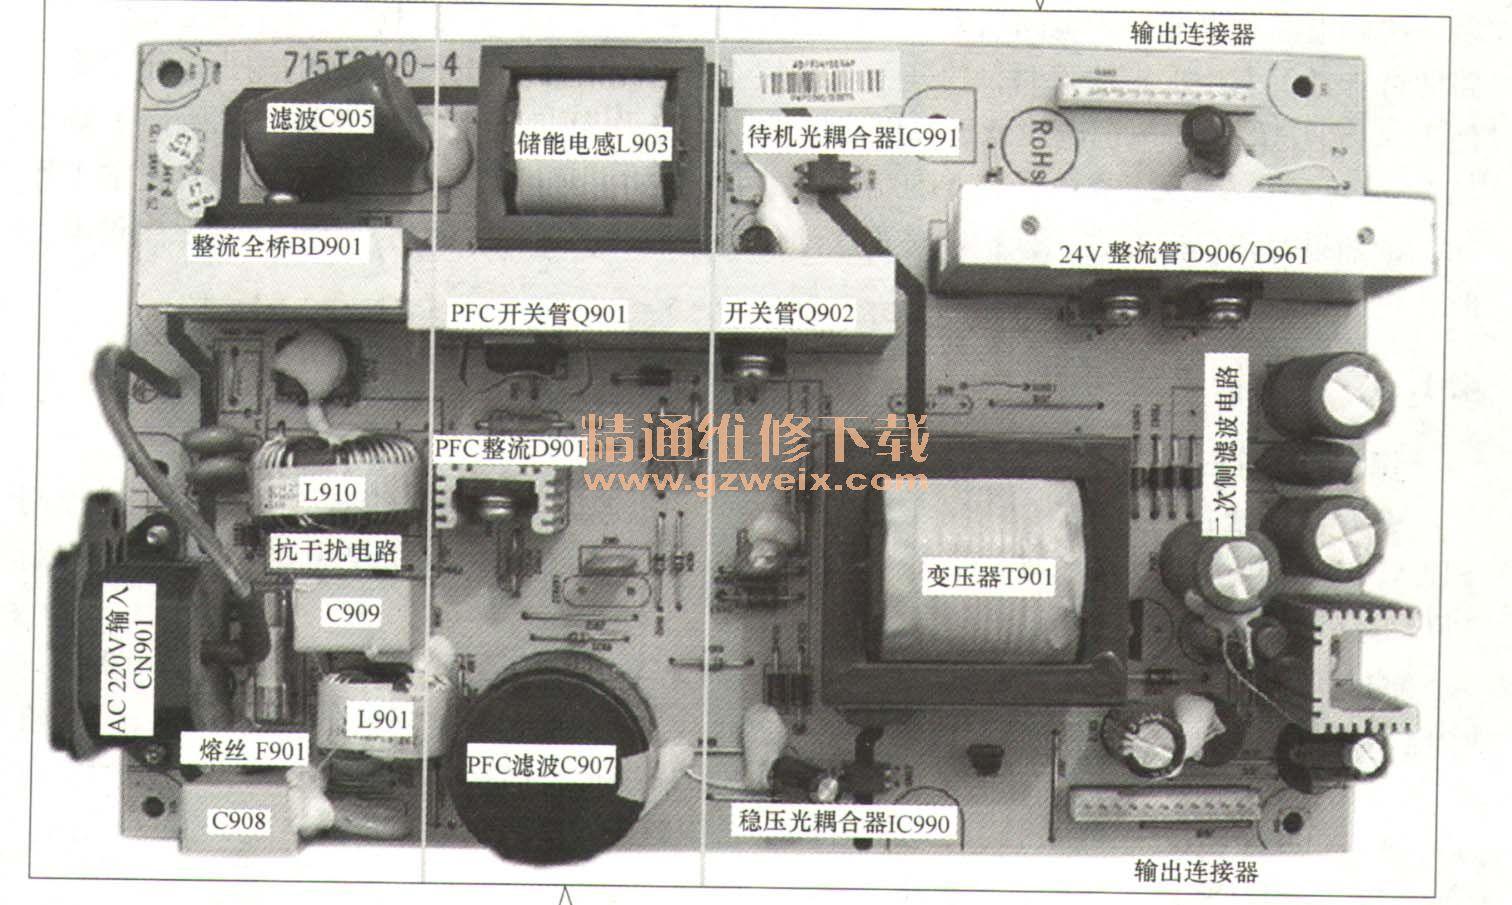 分组成:一是以集成电路UCC28051(IC920)为核心组成的PFC电路,图片